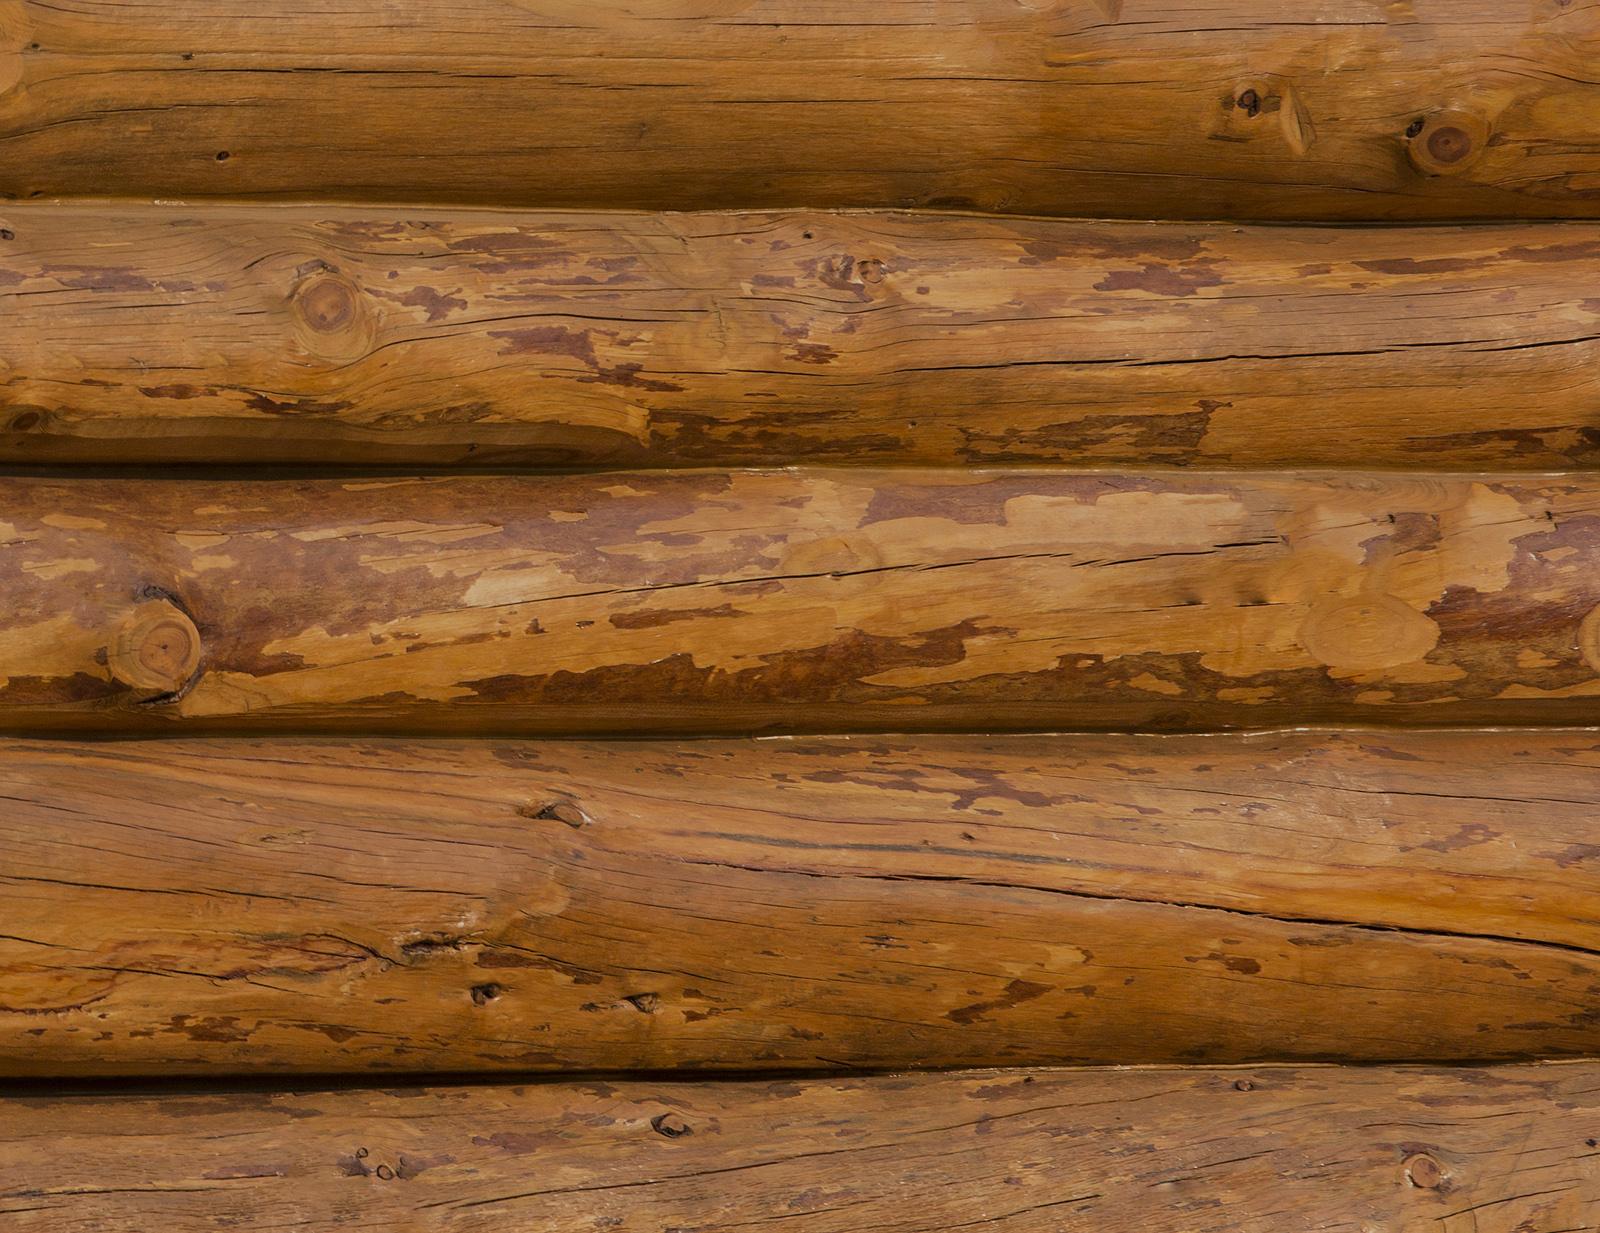 Outdoor Wall Murals Log Wall Background 1 132 Jpg Coteau Des Prairies Lodge